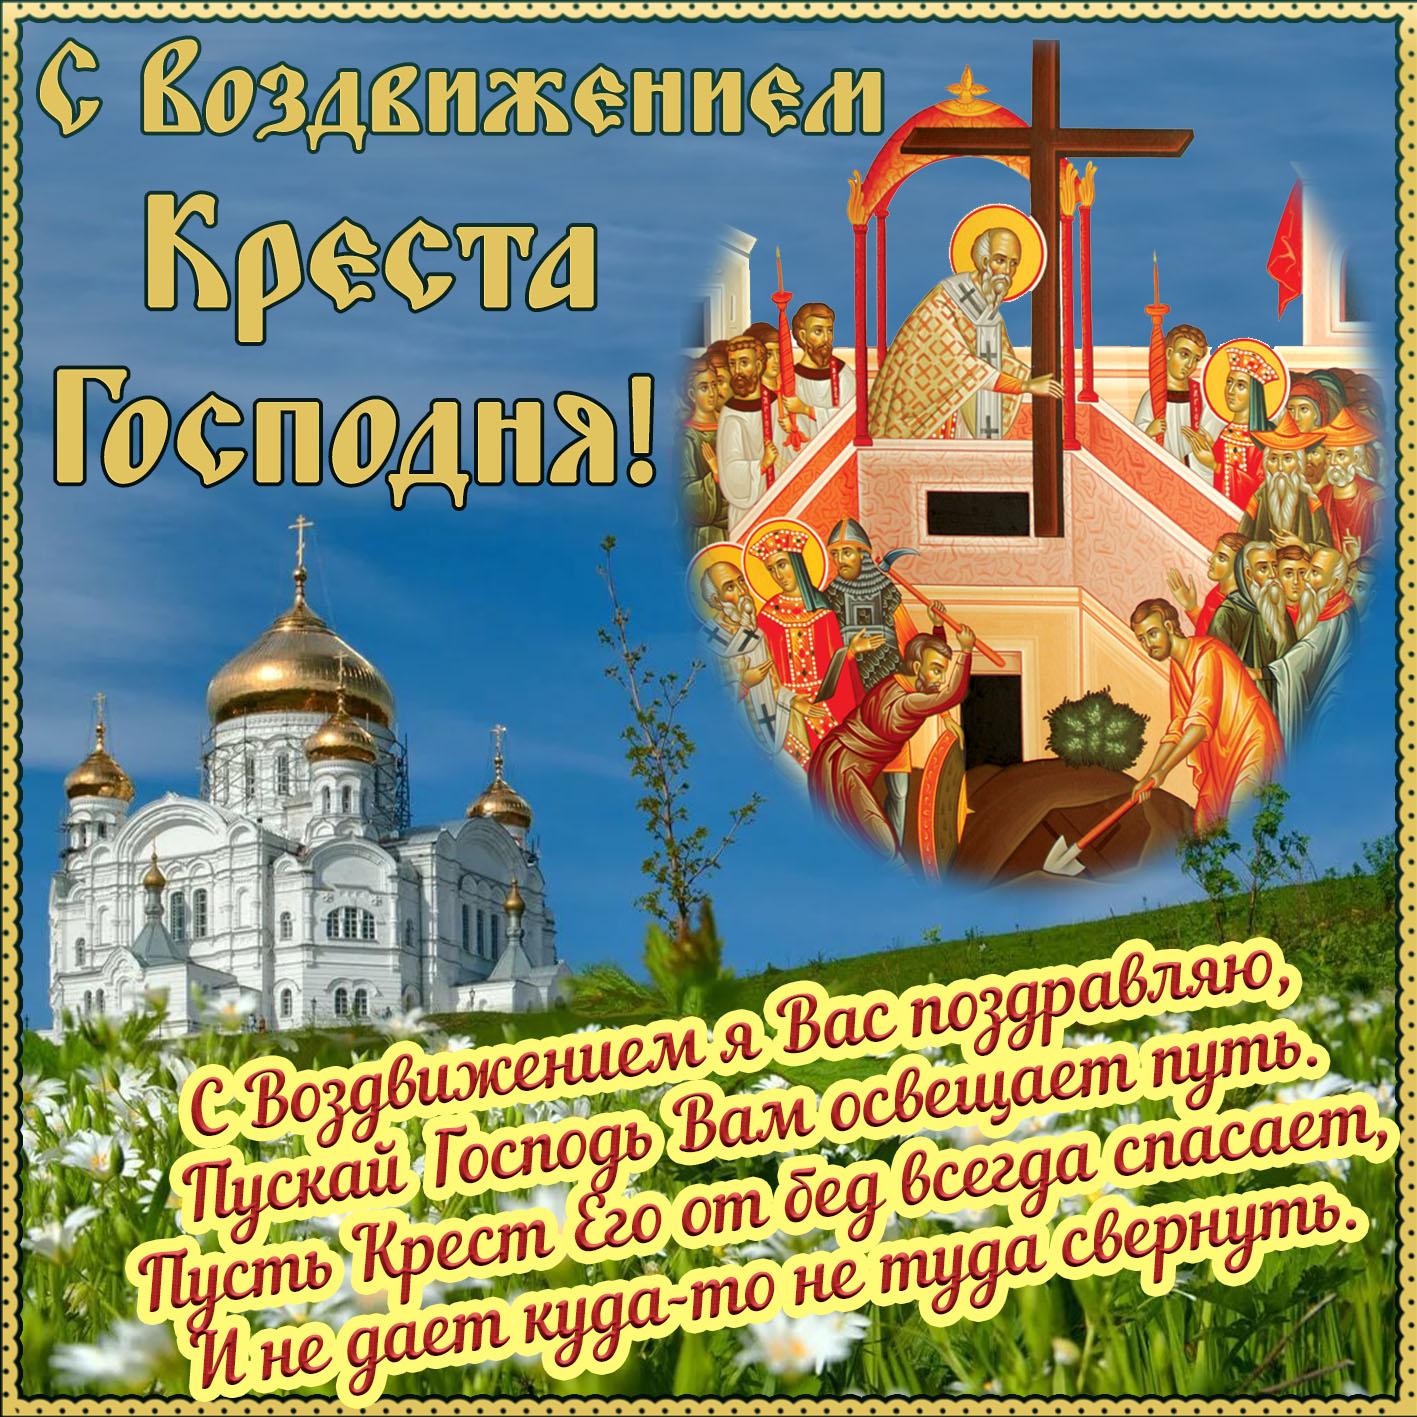 Поздравление в праздник крестовоздвижения